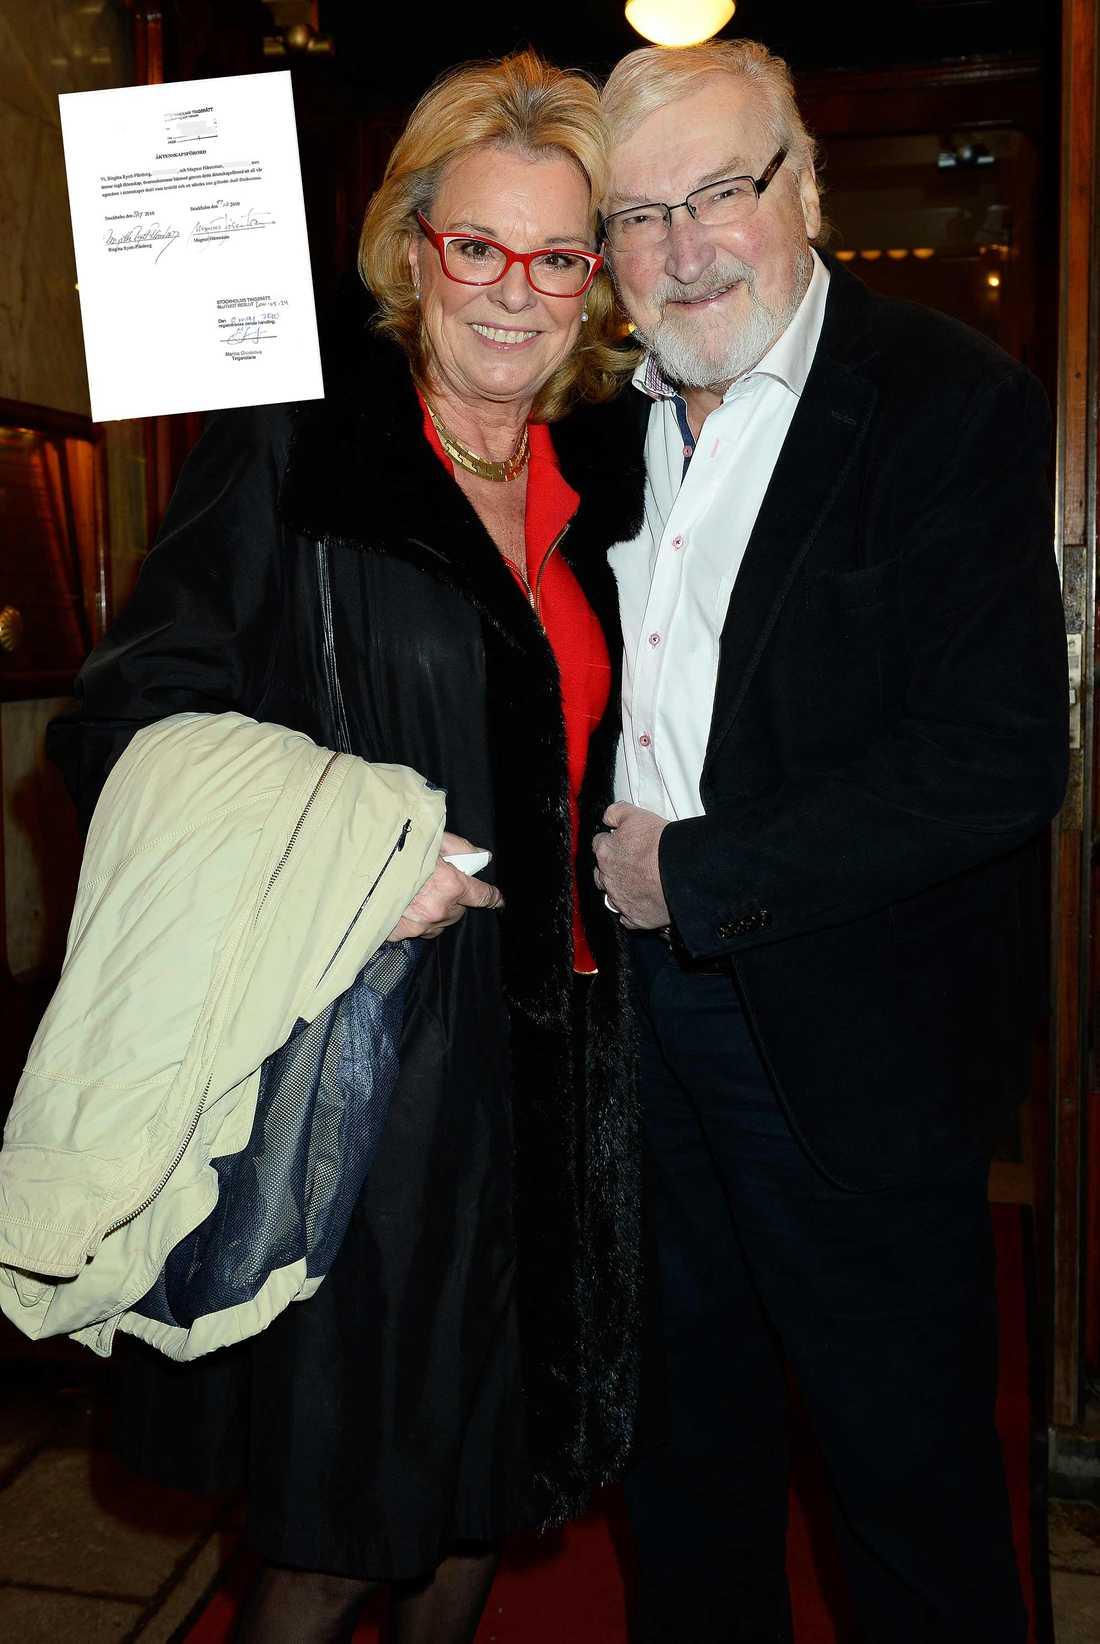 Magnus Härenstam gifte sig med Birgitta 2010, då hade paret redan känt varandra i 30 år. En månad före vigseln ansköte de om äktenskapsförord (infällda dokumentet).